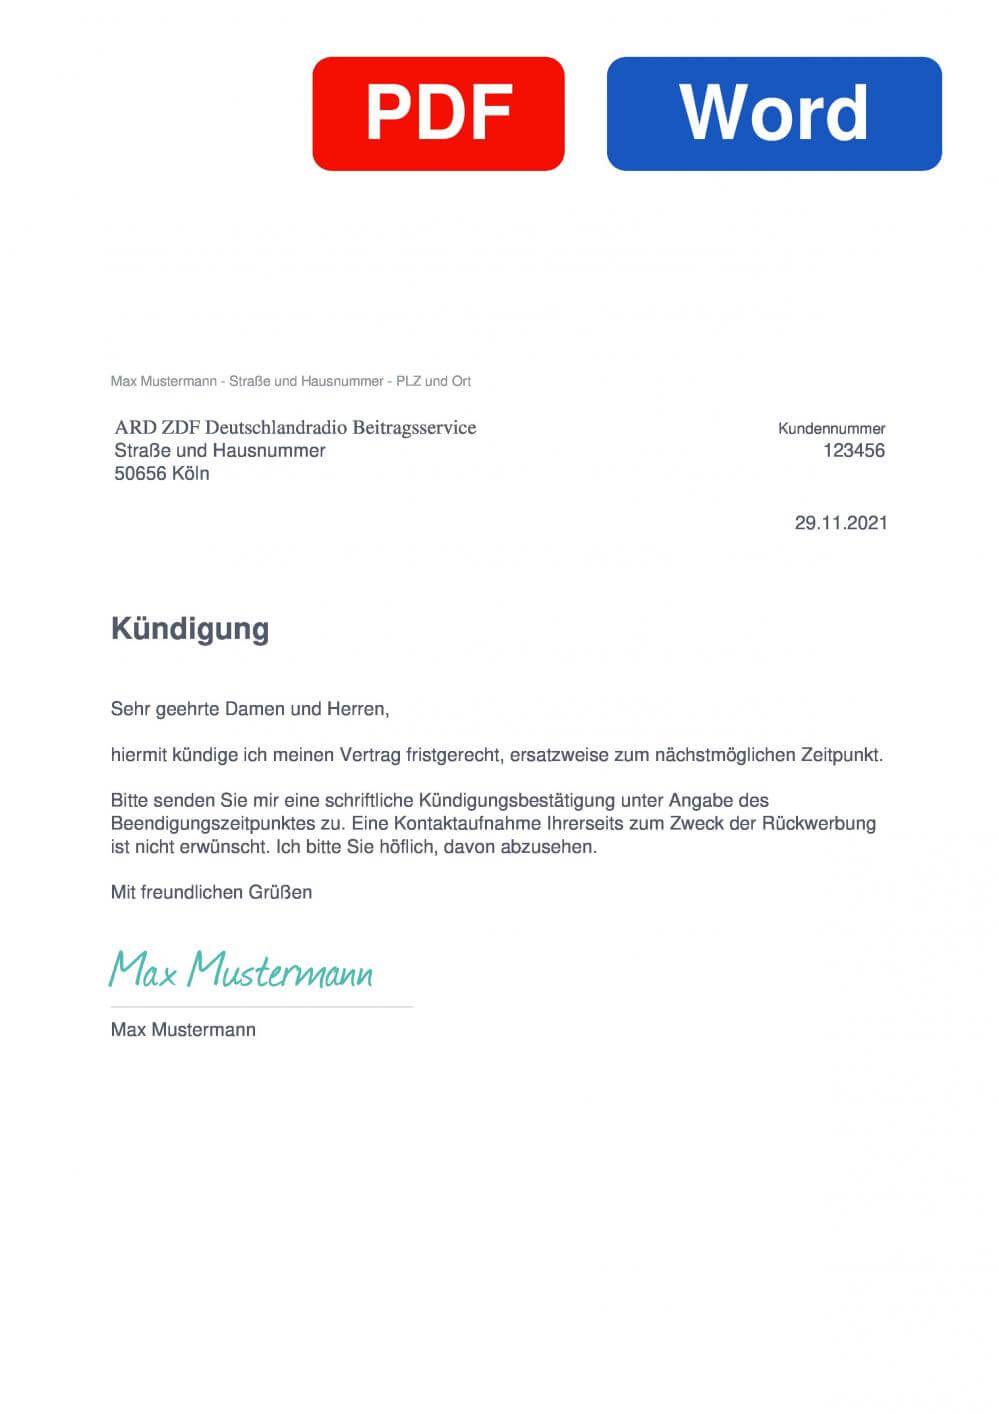 ARD ZDF Deutschlandradio Beitragsservice Muster Vorlage für Kündigungsschreiben